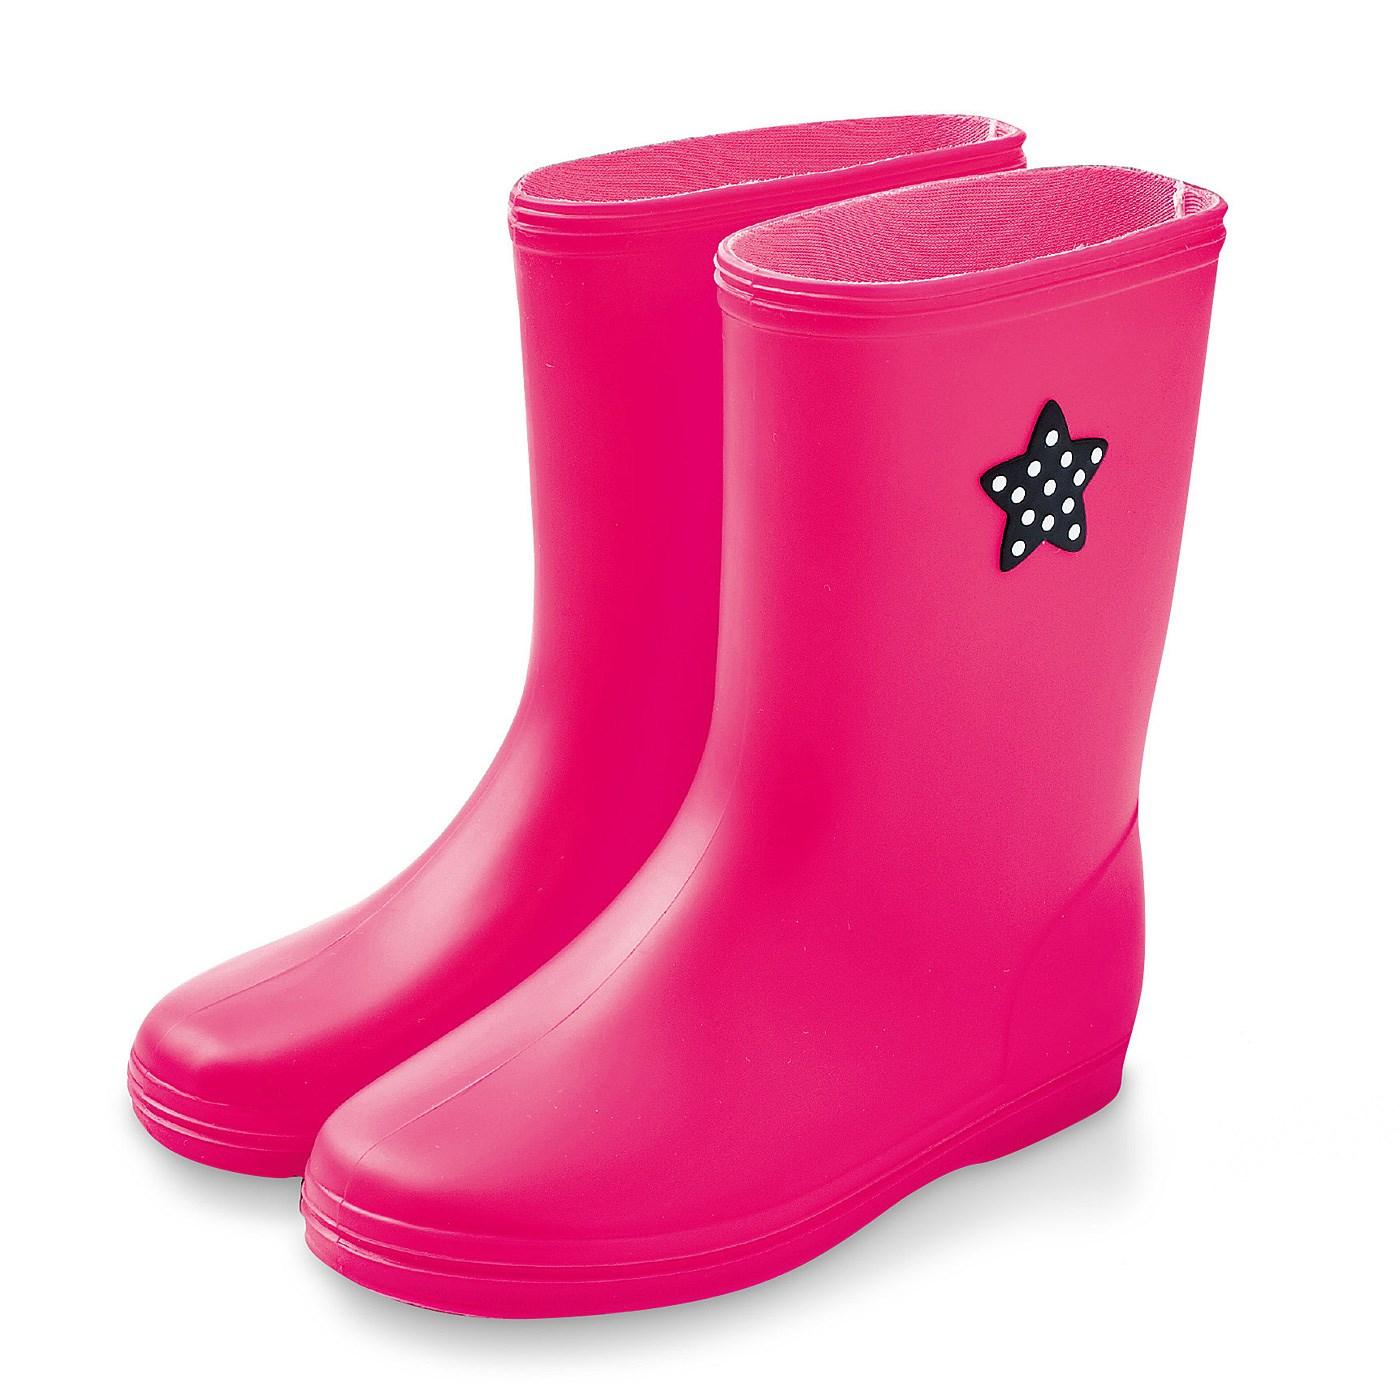 雨の日もスキップ キッズレインブーツ ピンク